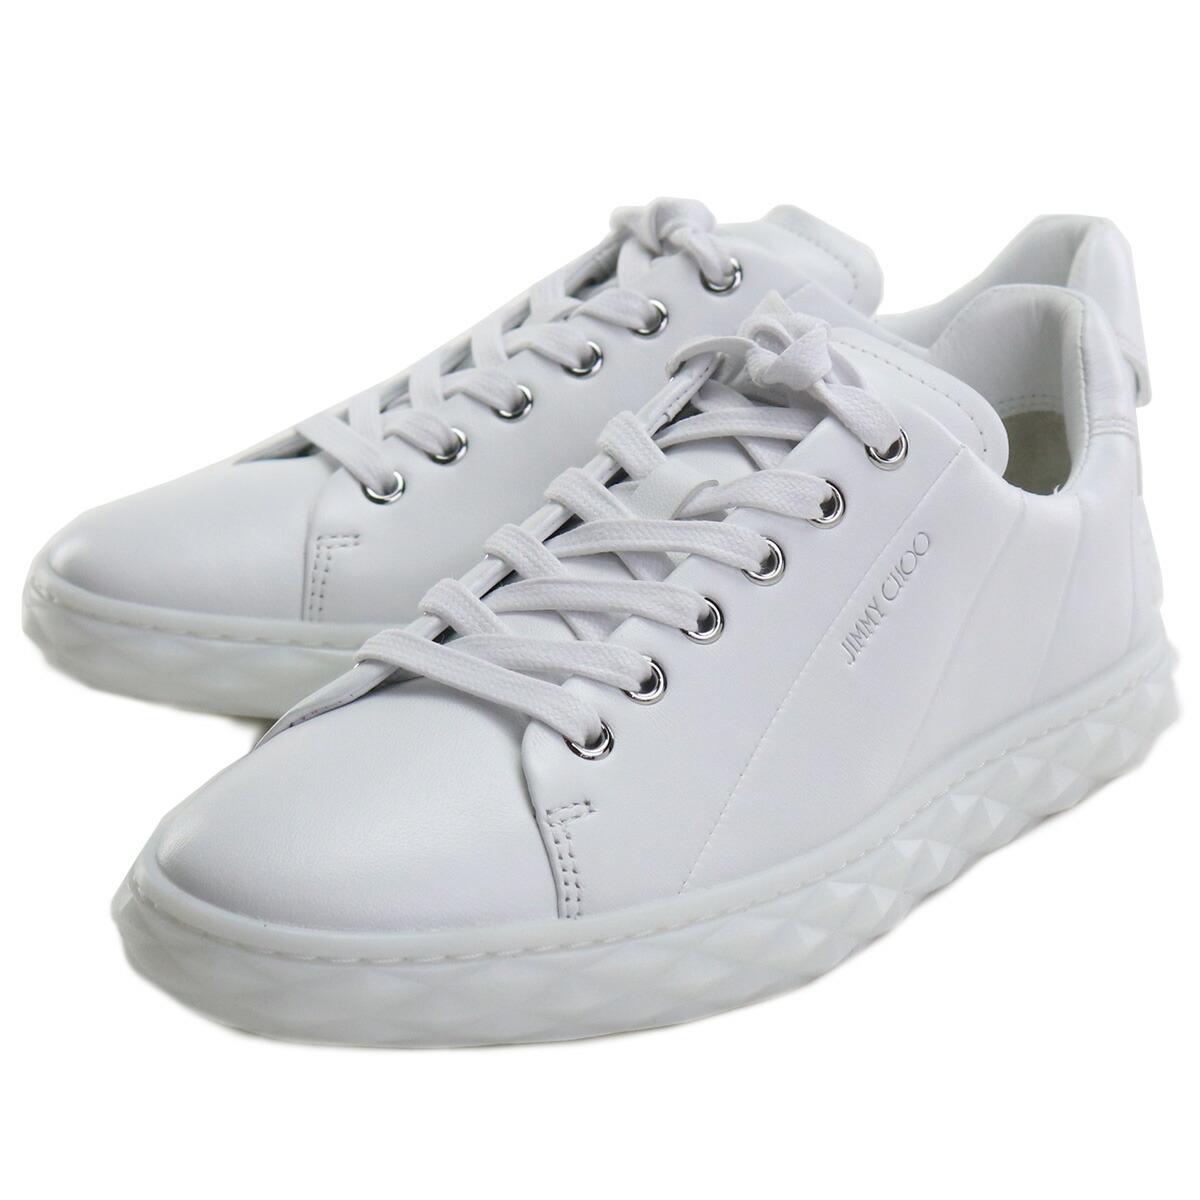 ジミーチュウ JIMMY CHOO  レディーススニーカー 白スニーカー ブランドスニーカー ブランドロゴ DIAMOND LIGHT F NAP 211 V WHITE ホワイト系 shoes-01 uni-01